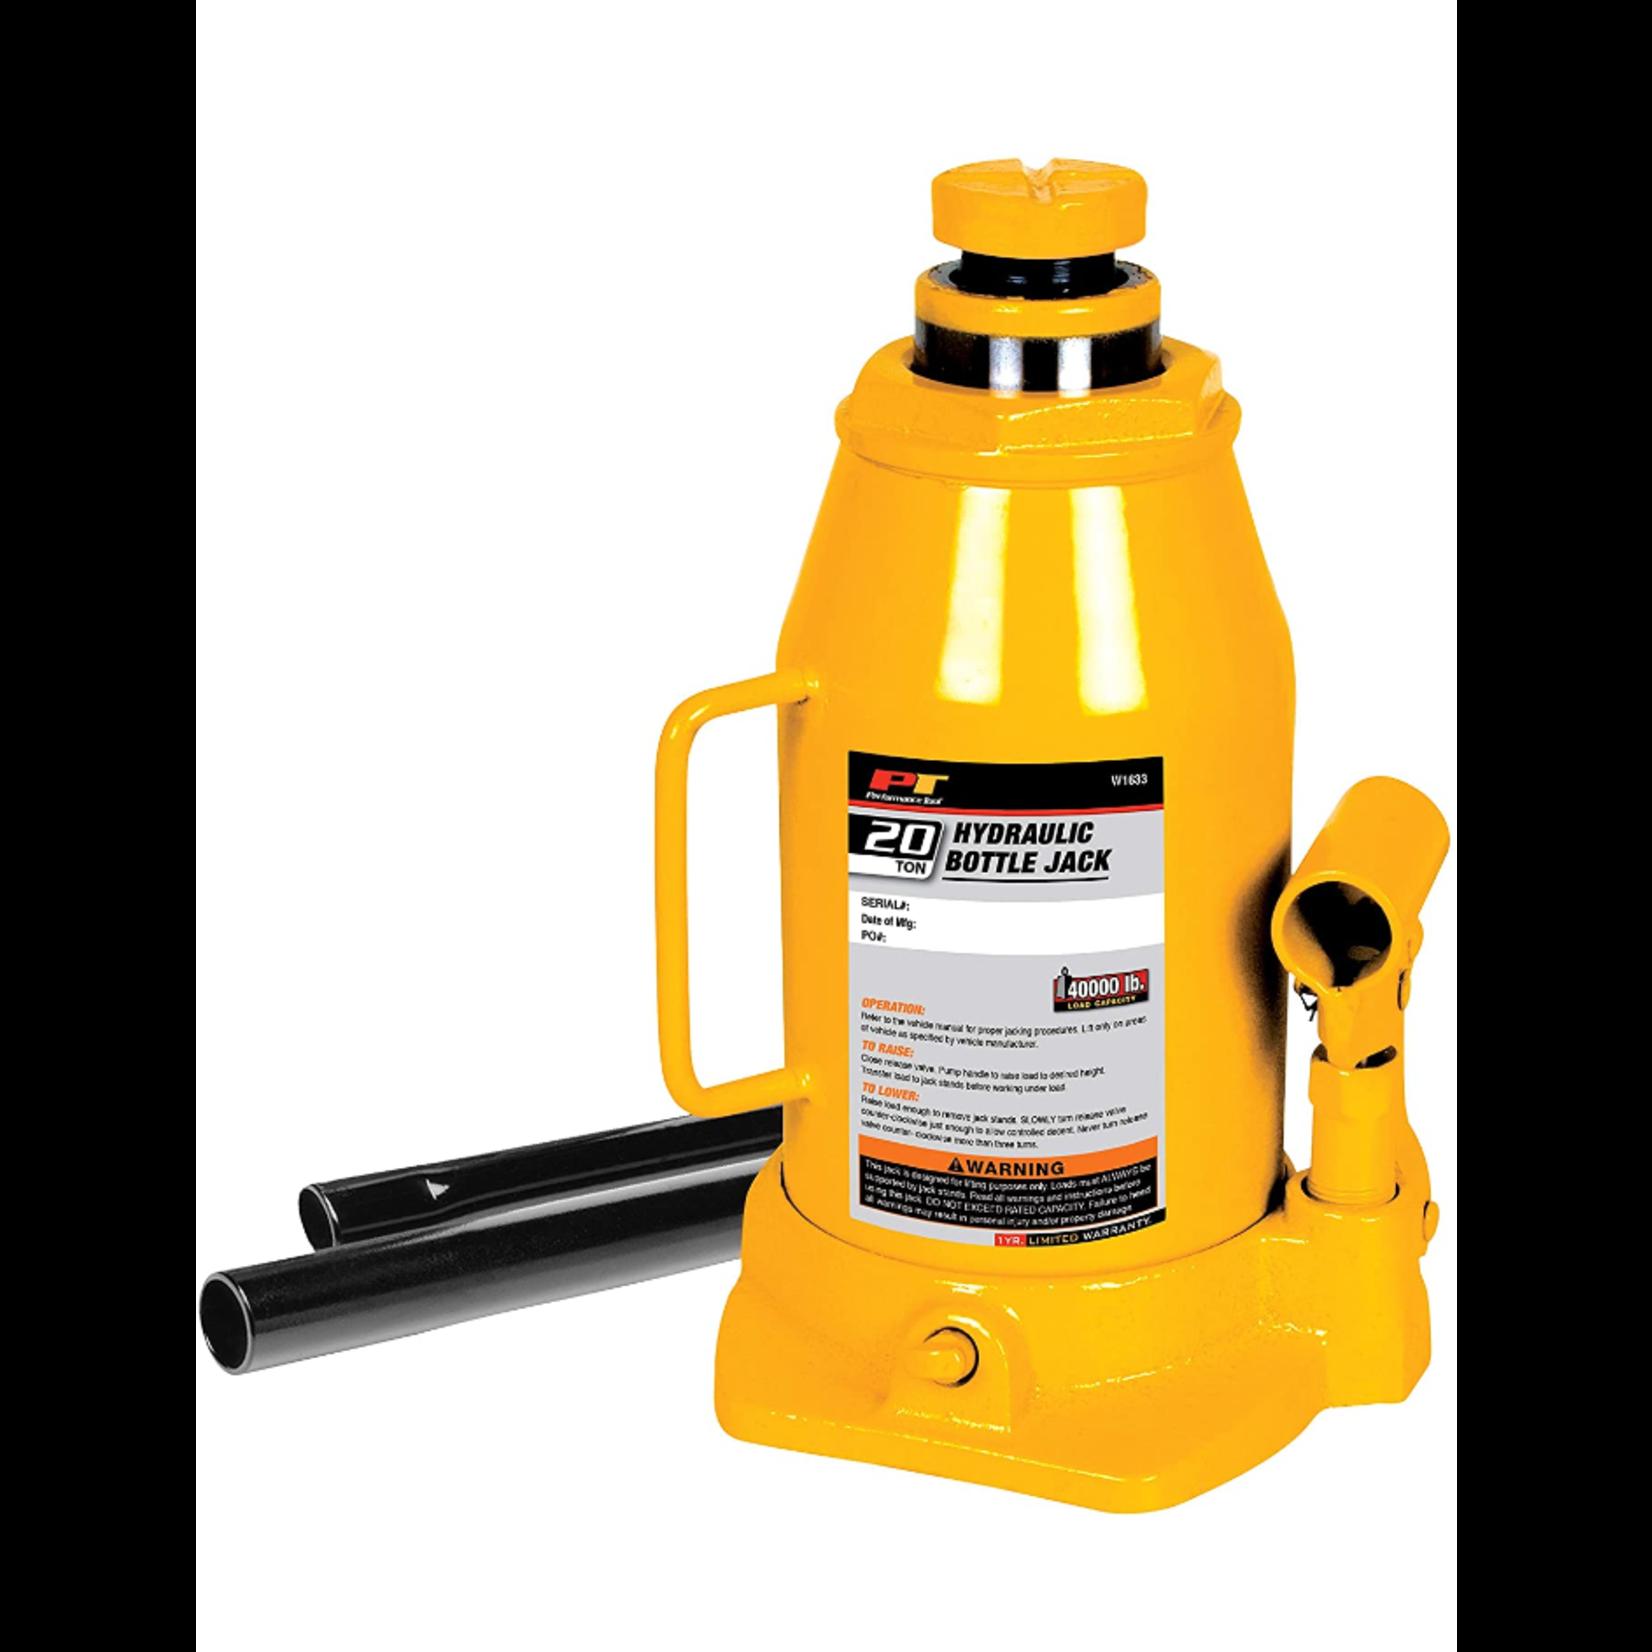 10449 PT 20 ton Hydraulic Bottle Jack